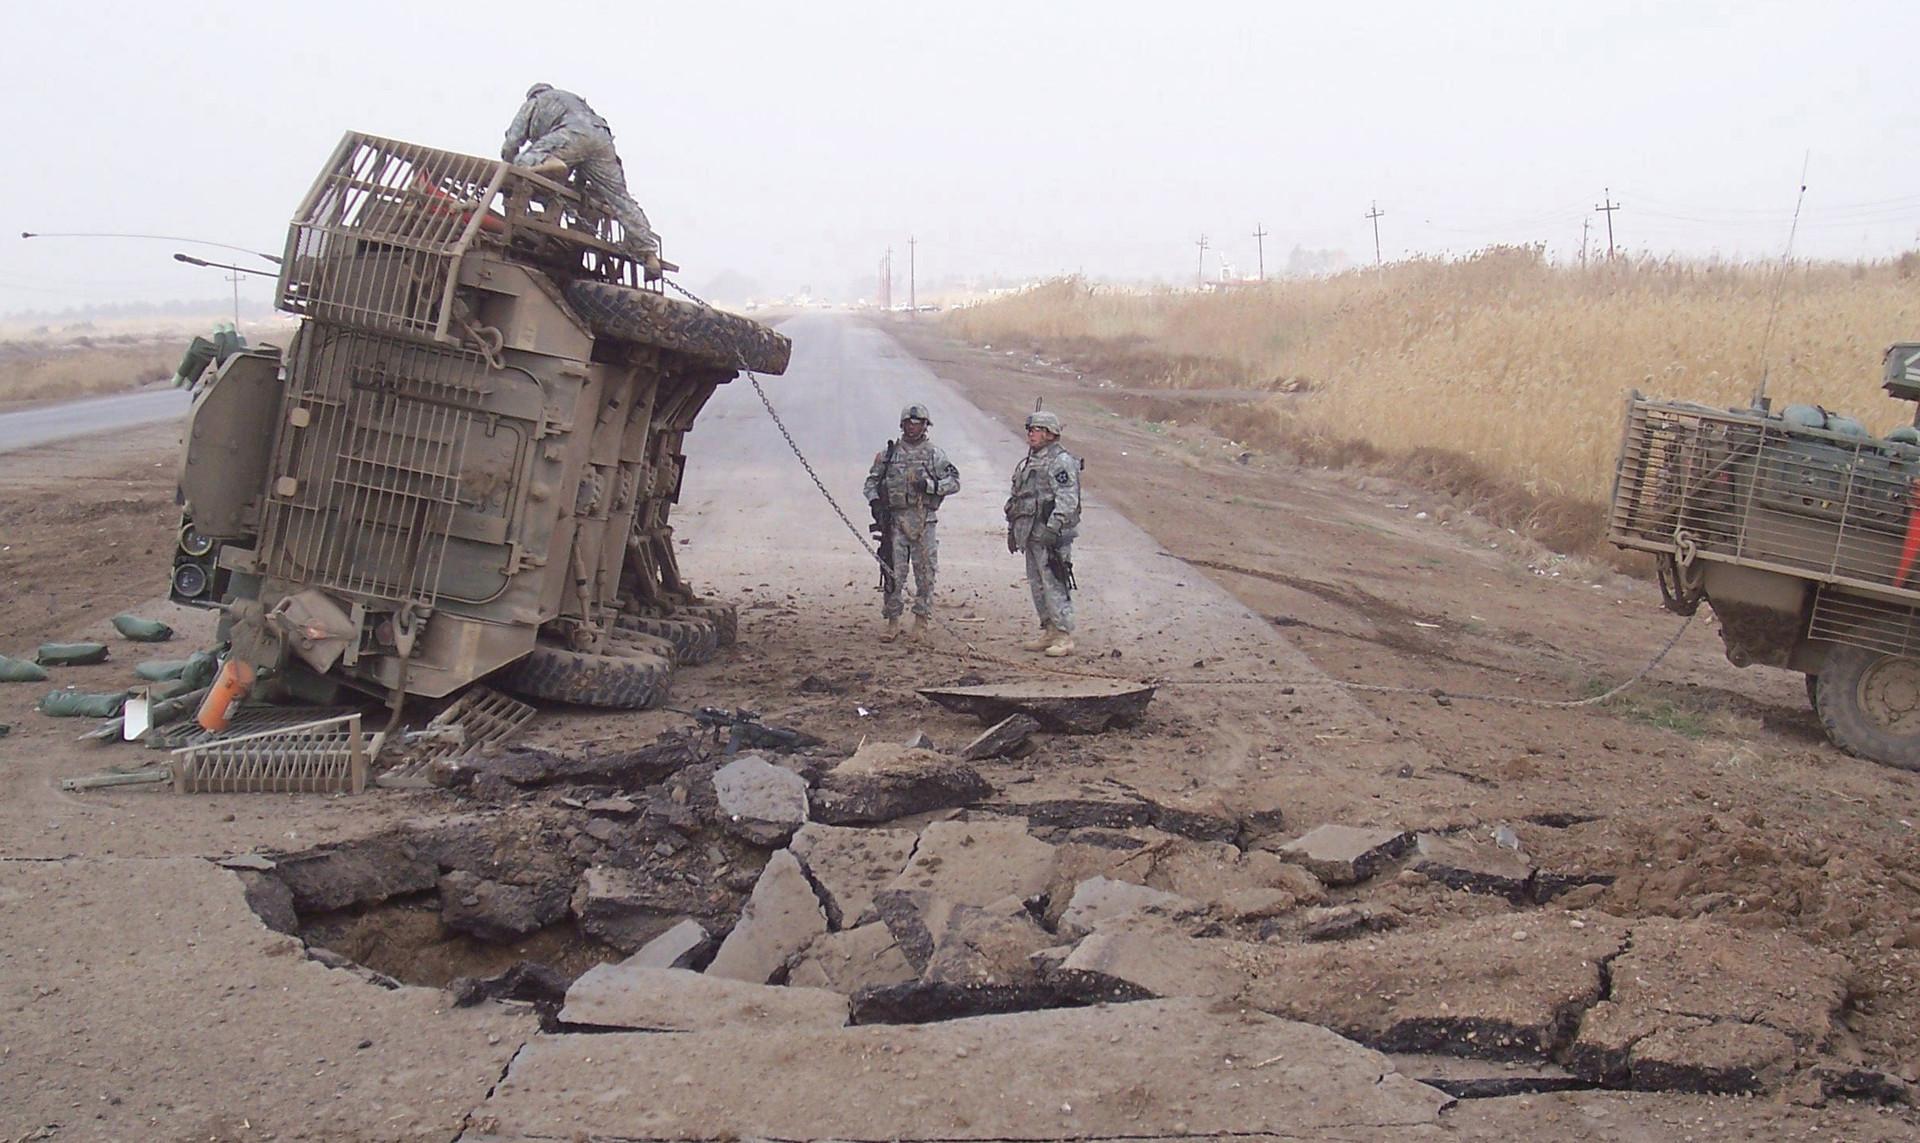 Преврнути Stryker поштоп је налетео на импровизовано експлозивно средство, Ирак 2007. године